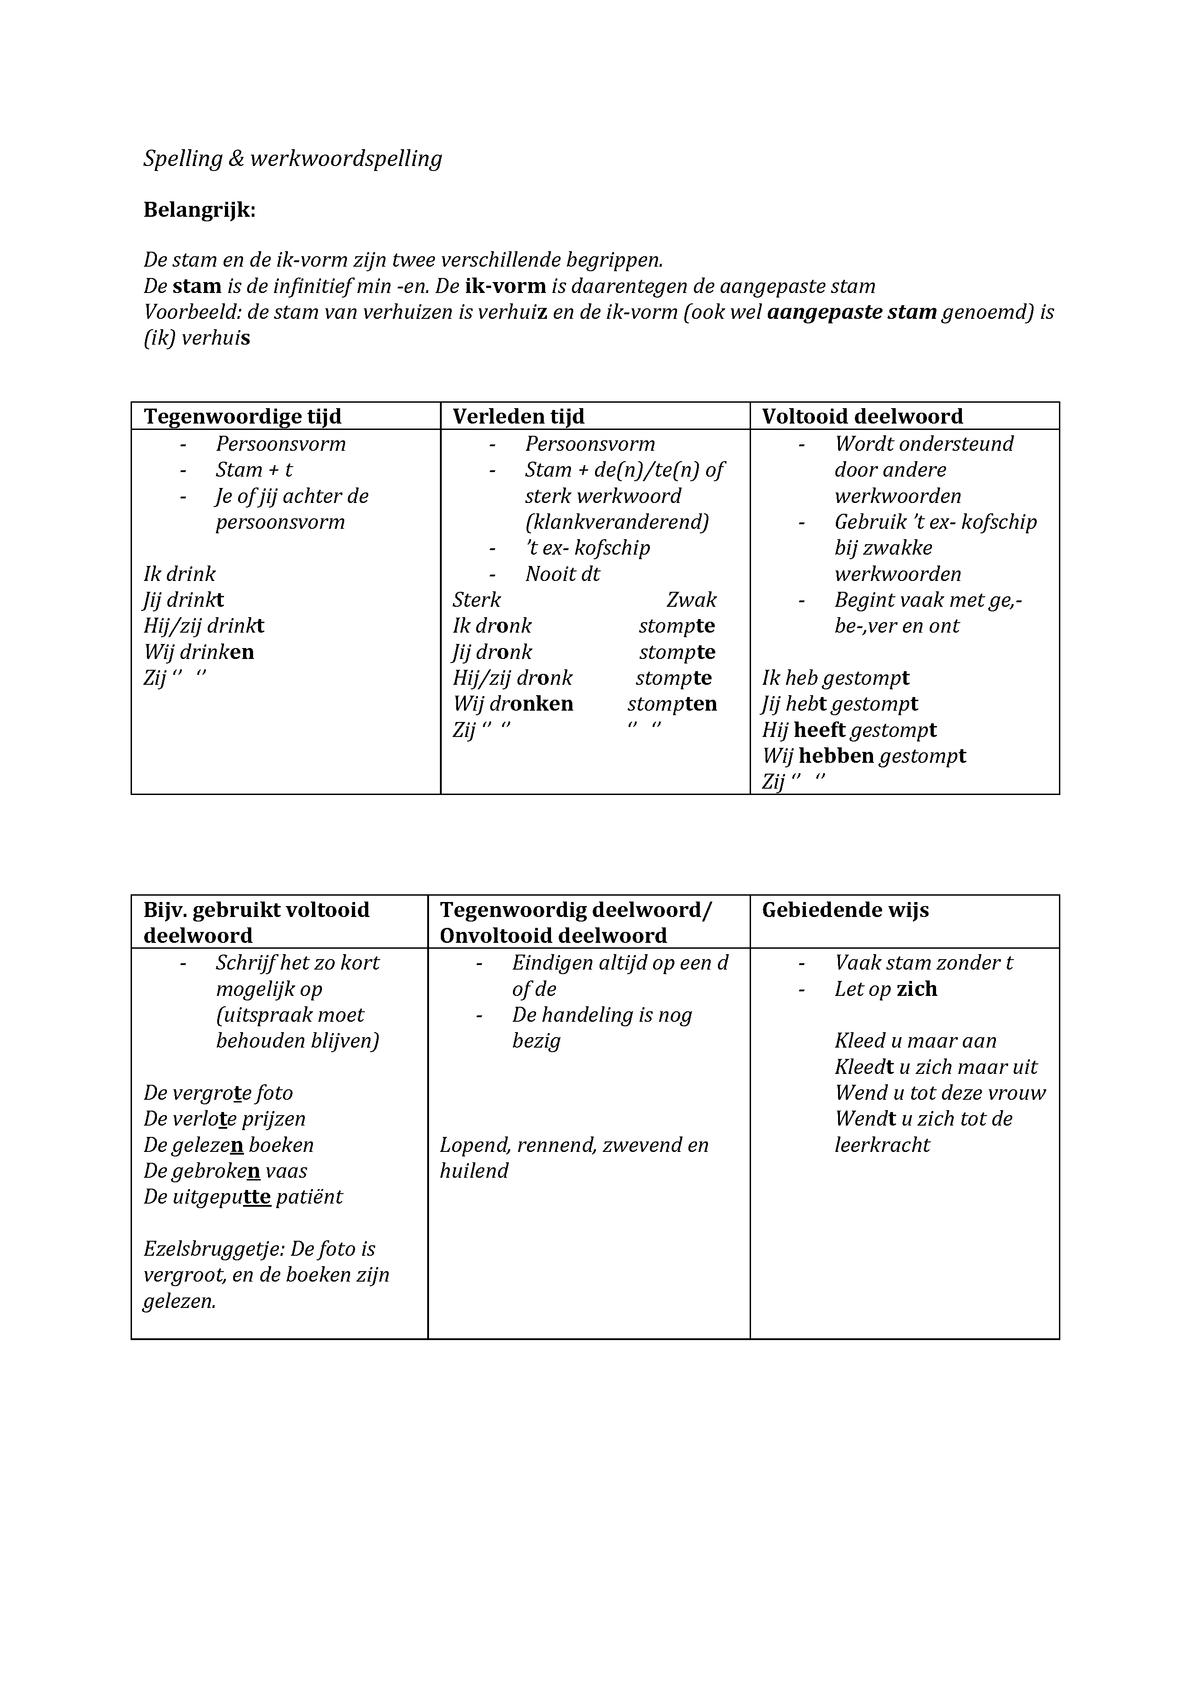 Spelling en werkwoordspelling schema's - TaaltoetsSpelling